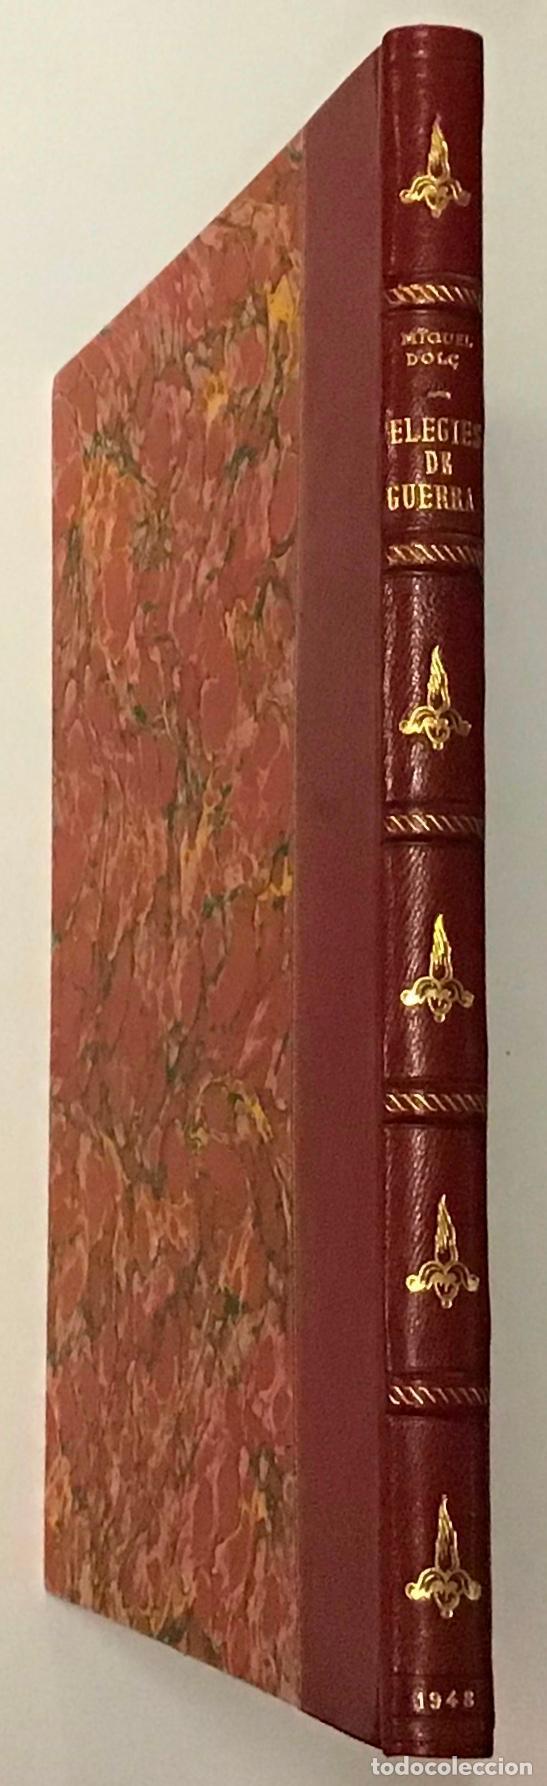 Libros antiguos: ELEGIES DE GUERRA. - DOLÇ, Miquel. [Miciano il·lustr.] - Foto 6 - 123182328